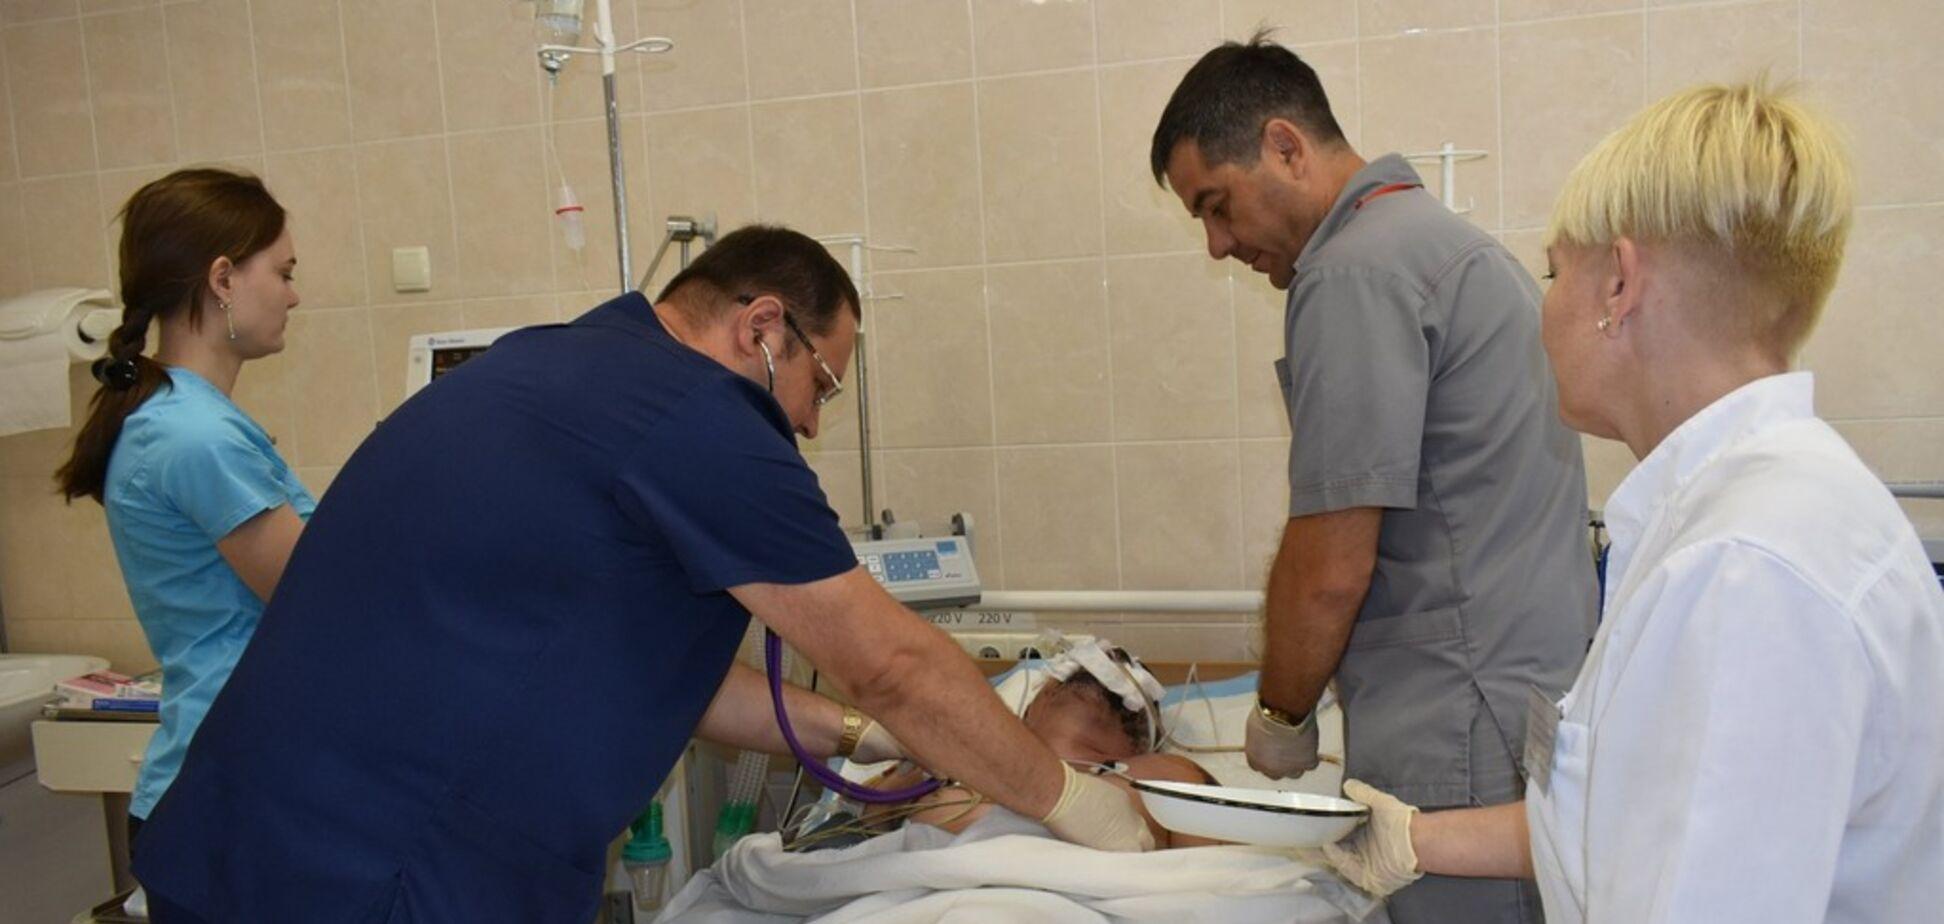 Лицо сгорело, перебитые кости: в Днепре спасают бойца ВСУ